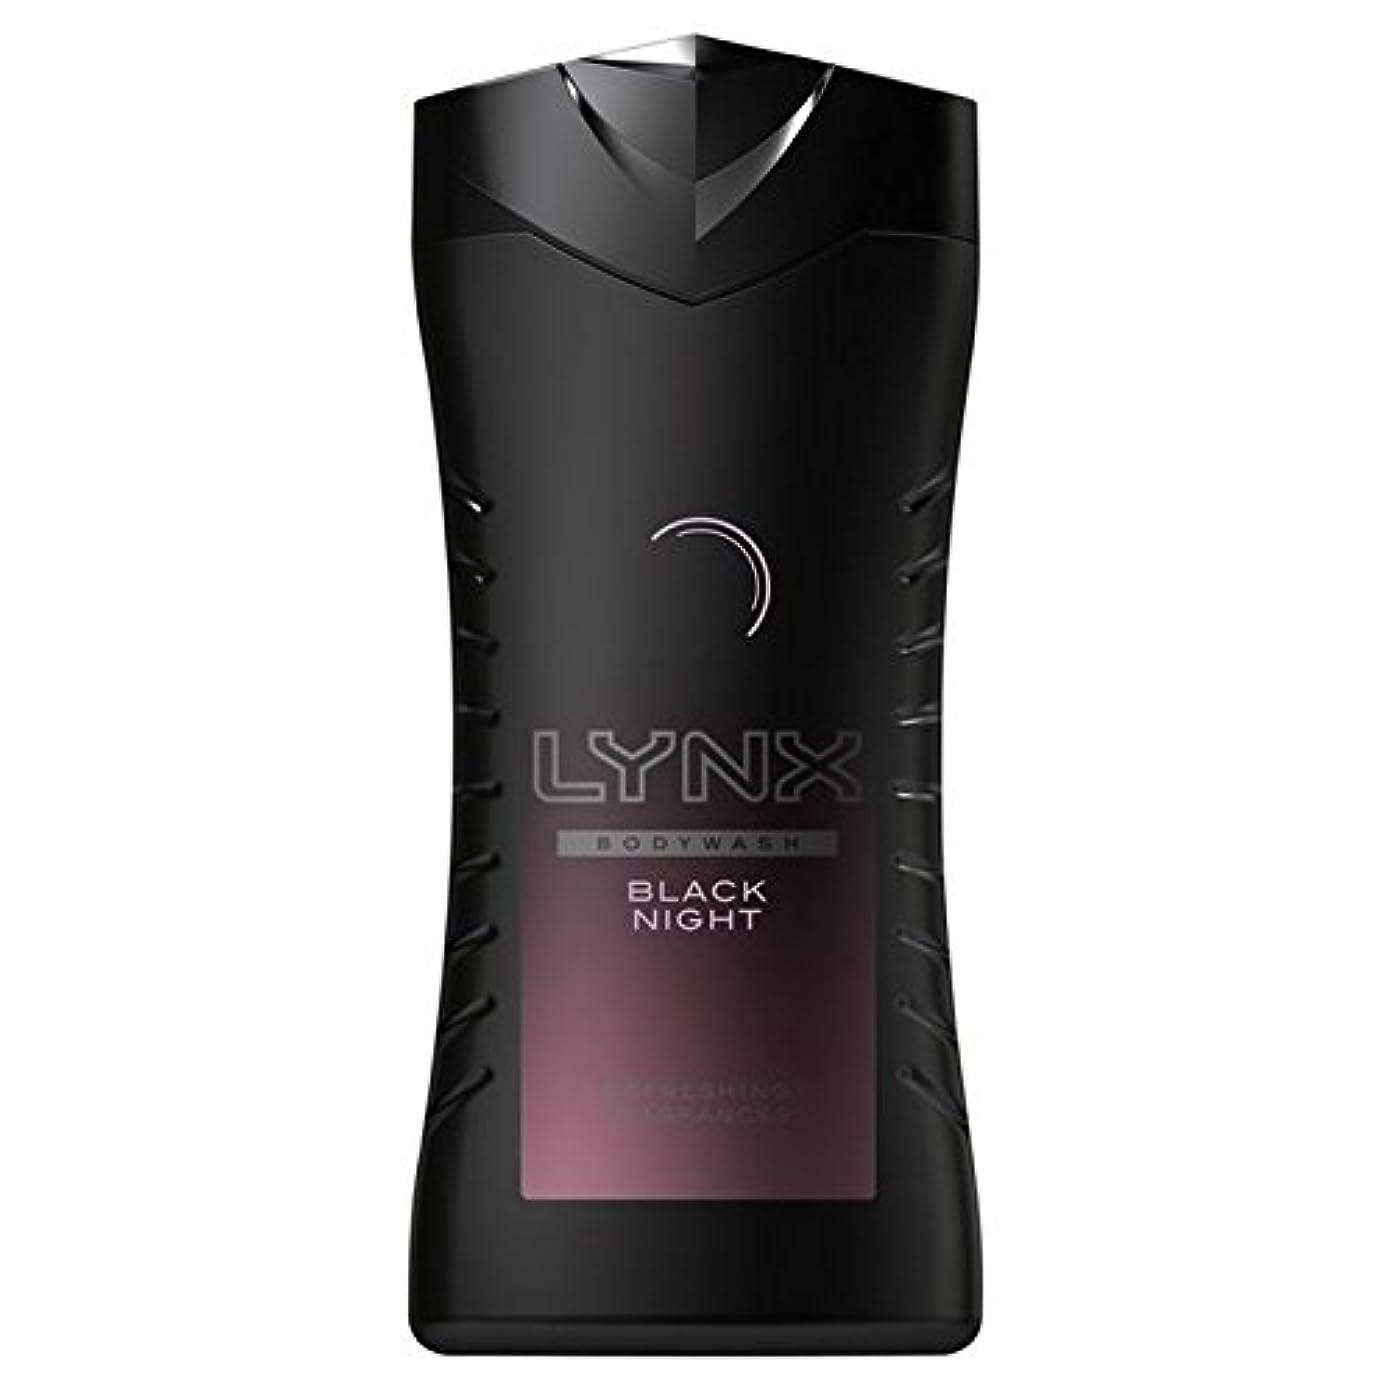 壊滅的な賃金自然オオヤマネコ黒夜シャワージェル250ミリリットル x2 - Lynx Black Night Shower Gel 250ml (Pack of 2) [並行輸入品]